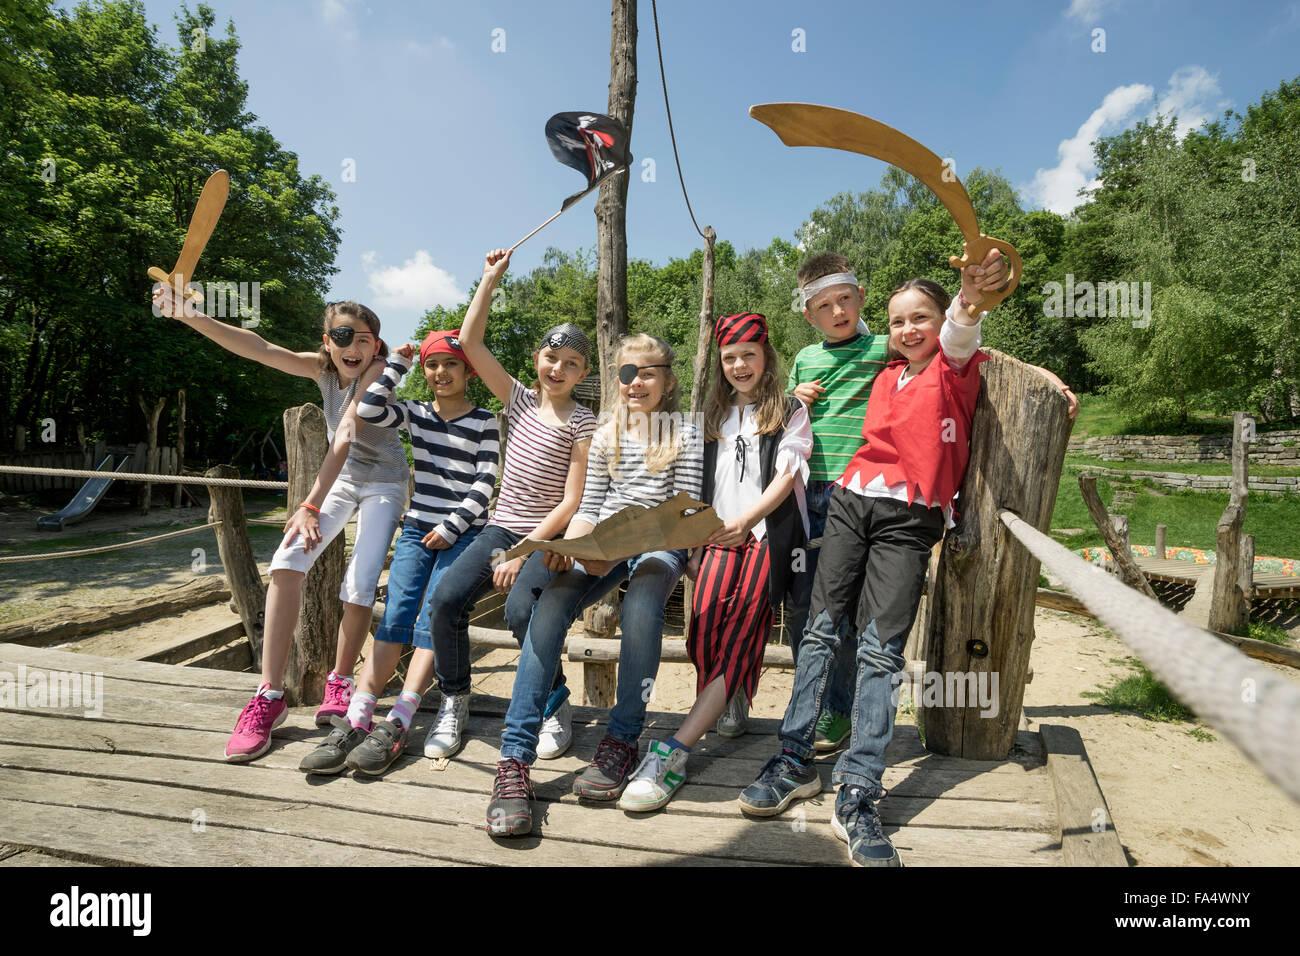 Groupe d'enfants jouant sur un bateau pirate en terrain d'aventure, Bavière, Allemagne Photo Stock